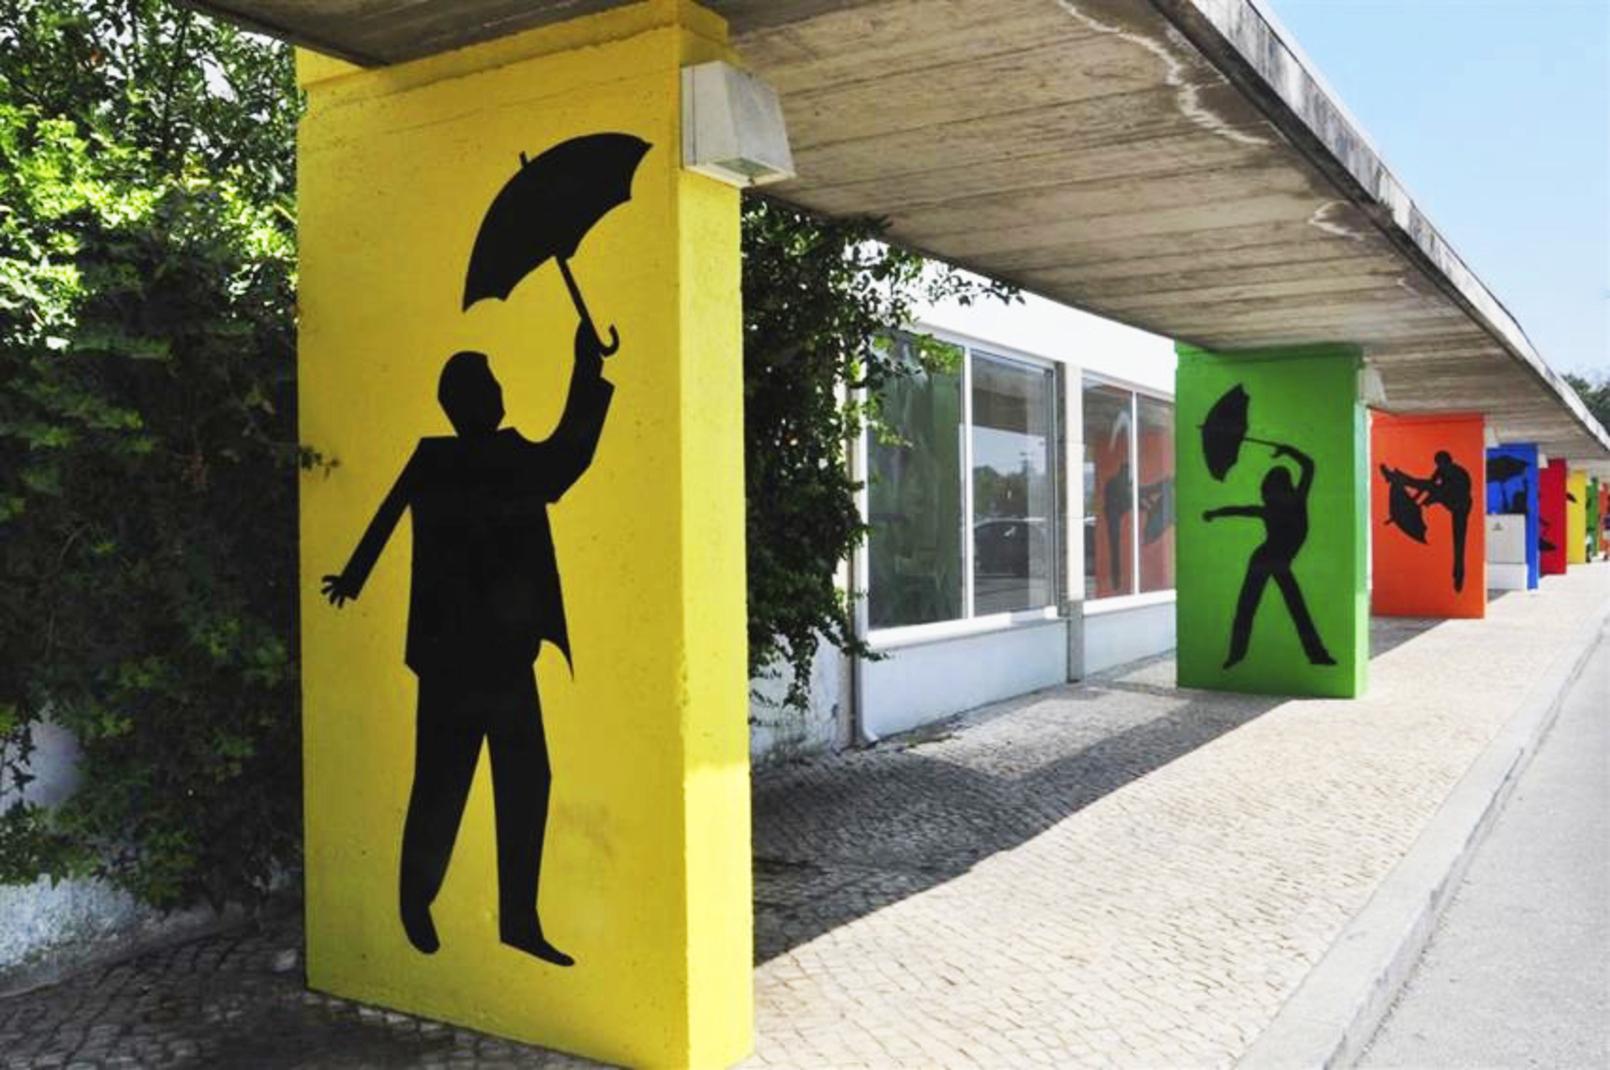 Umbrella Sky Project - Águeda'13